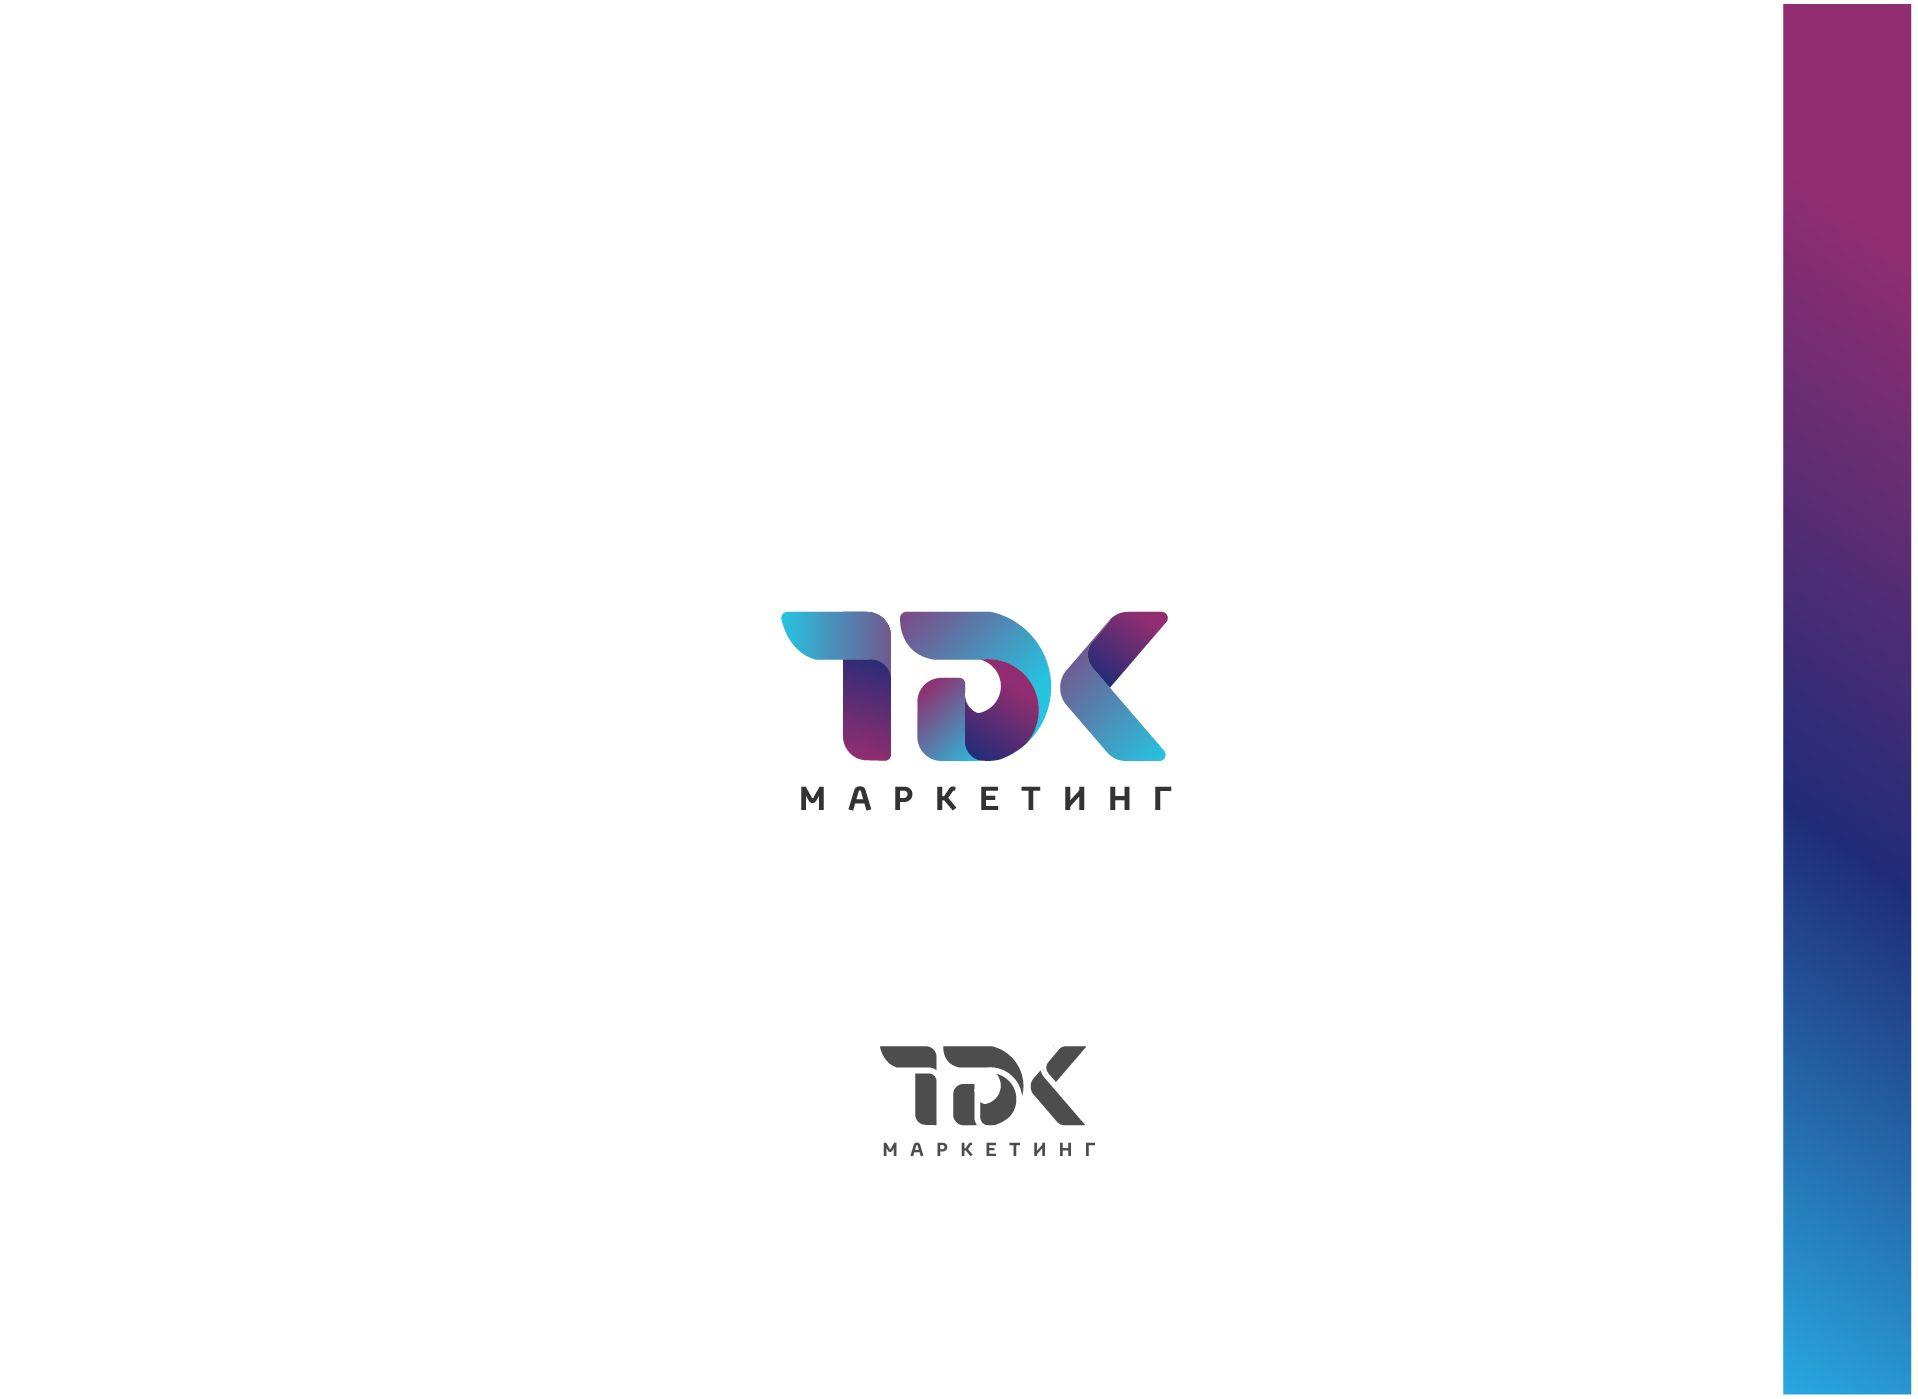 Лого и фирменный стиль для ТДК Маркетинг - дизайнер V0va